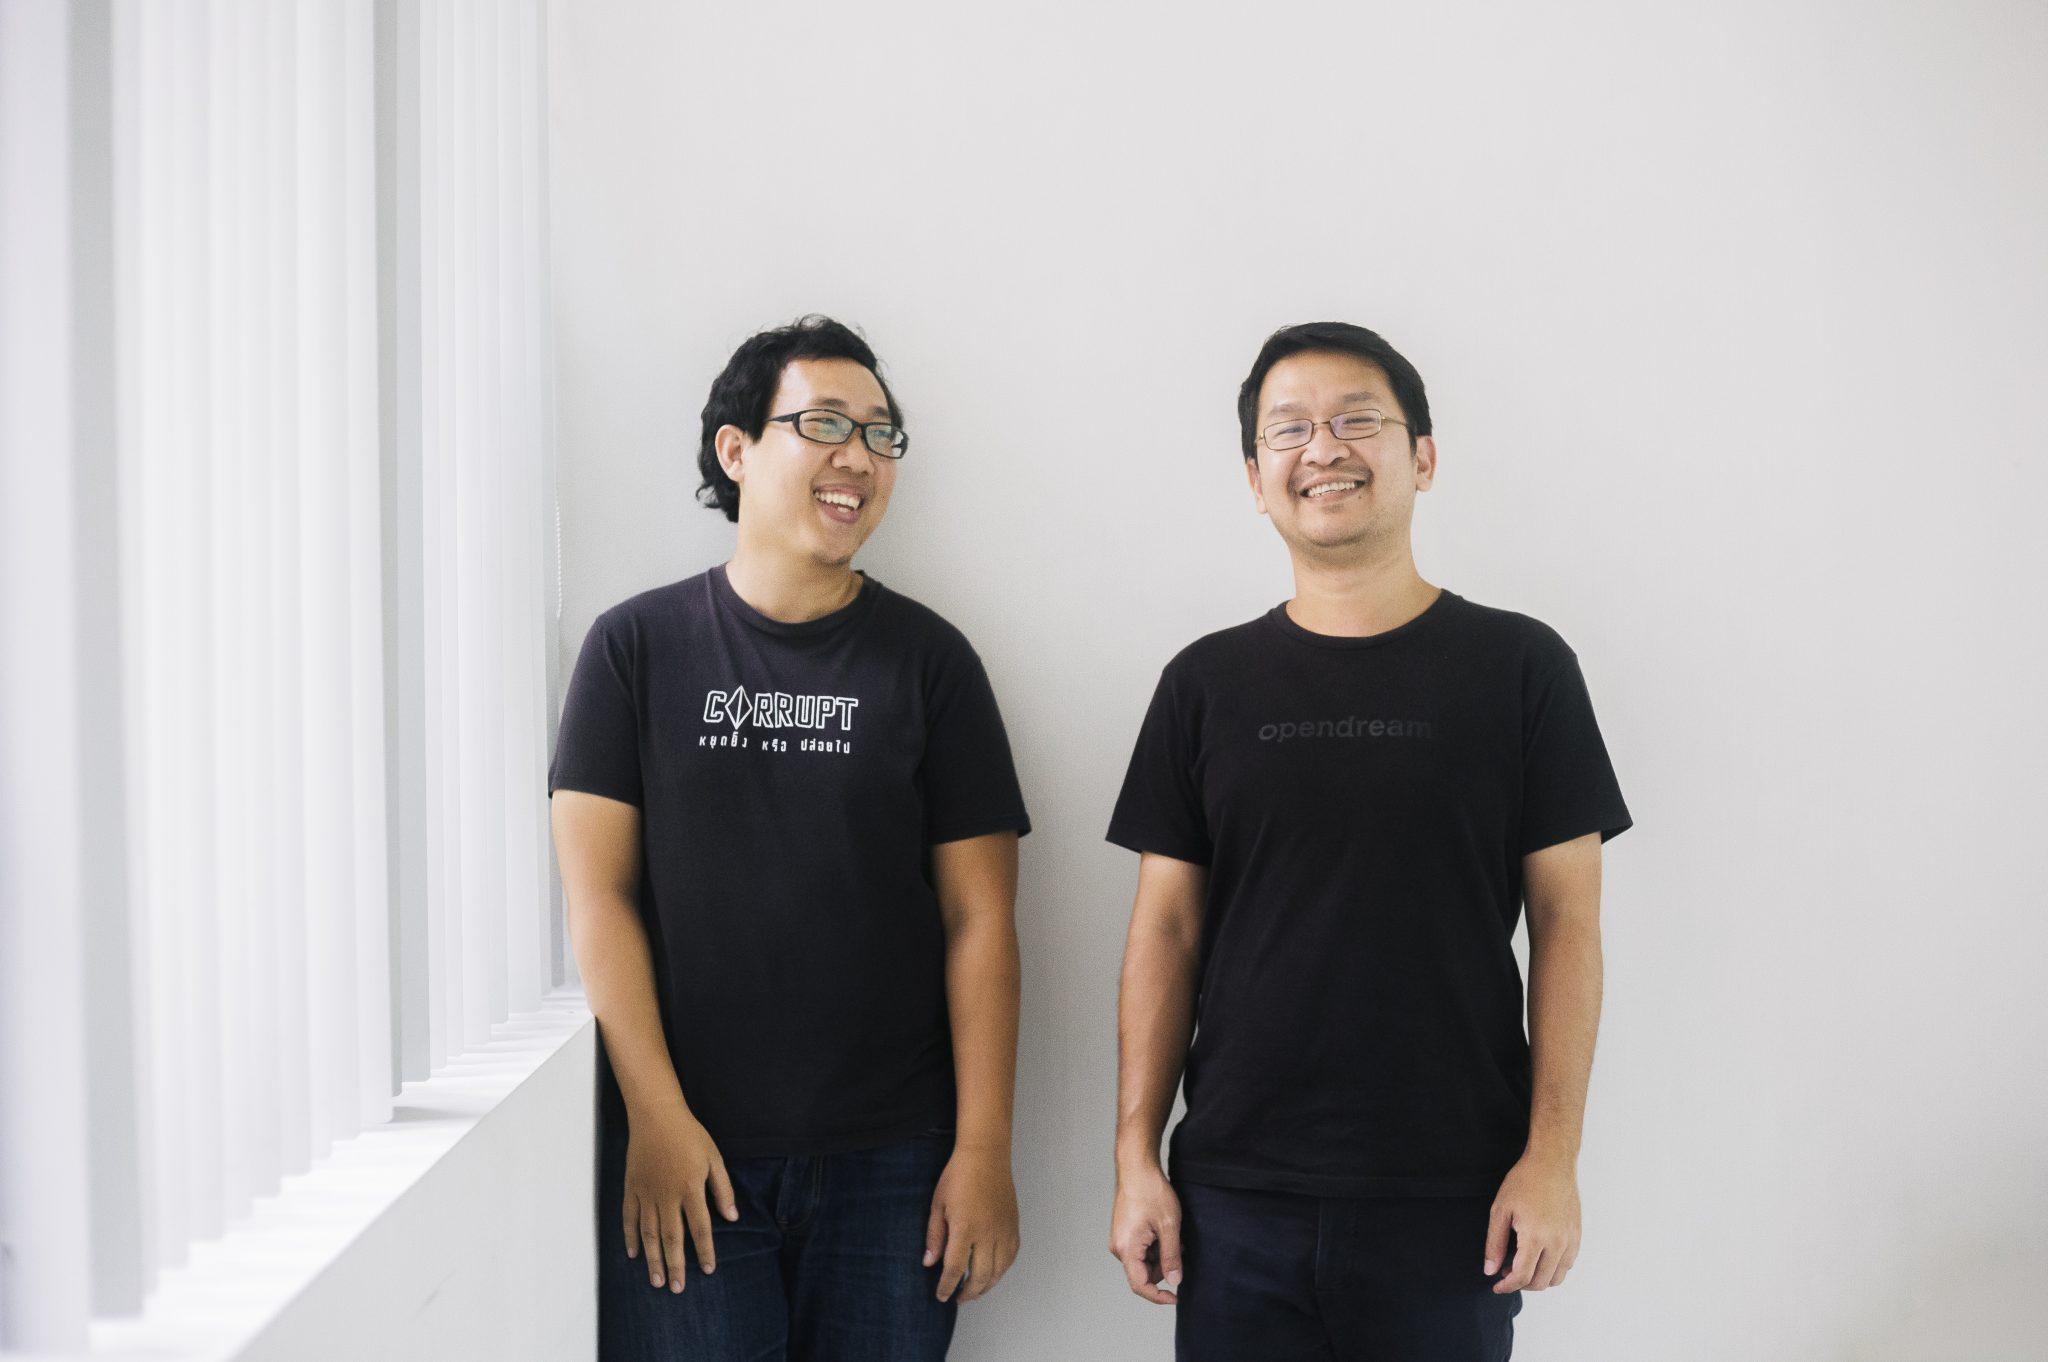 'แมค & โบจัง' สองนักออกแบบเกมจาก Opendream 'เกม' เปลี่ยนสังคมให้ดีขึ้นได้